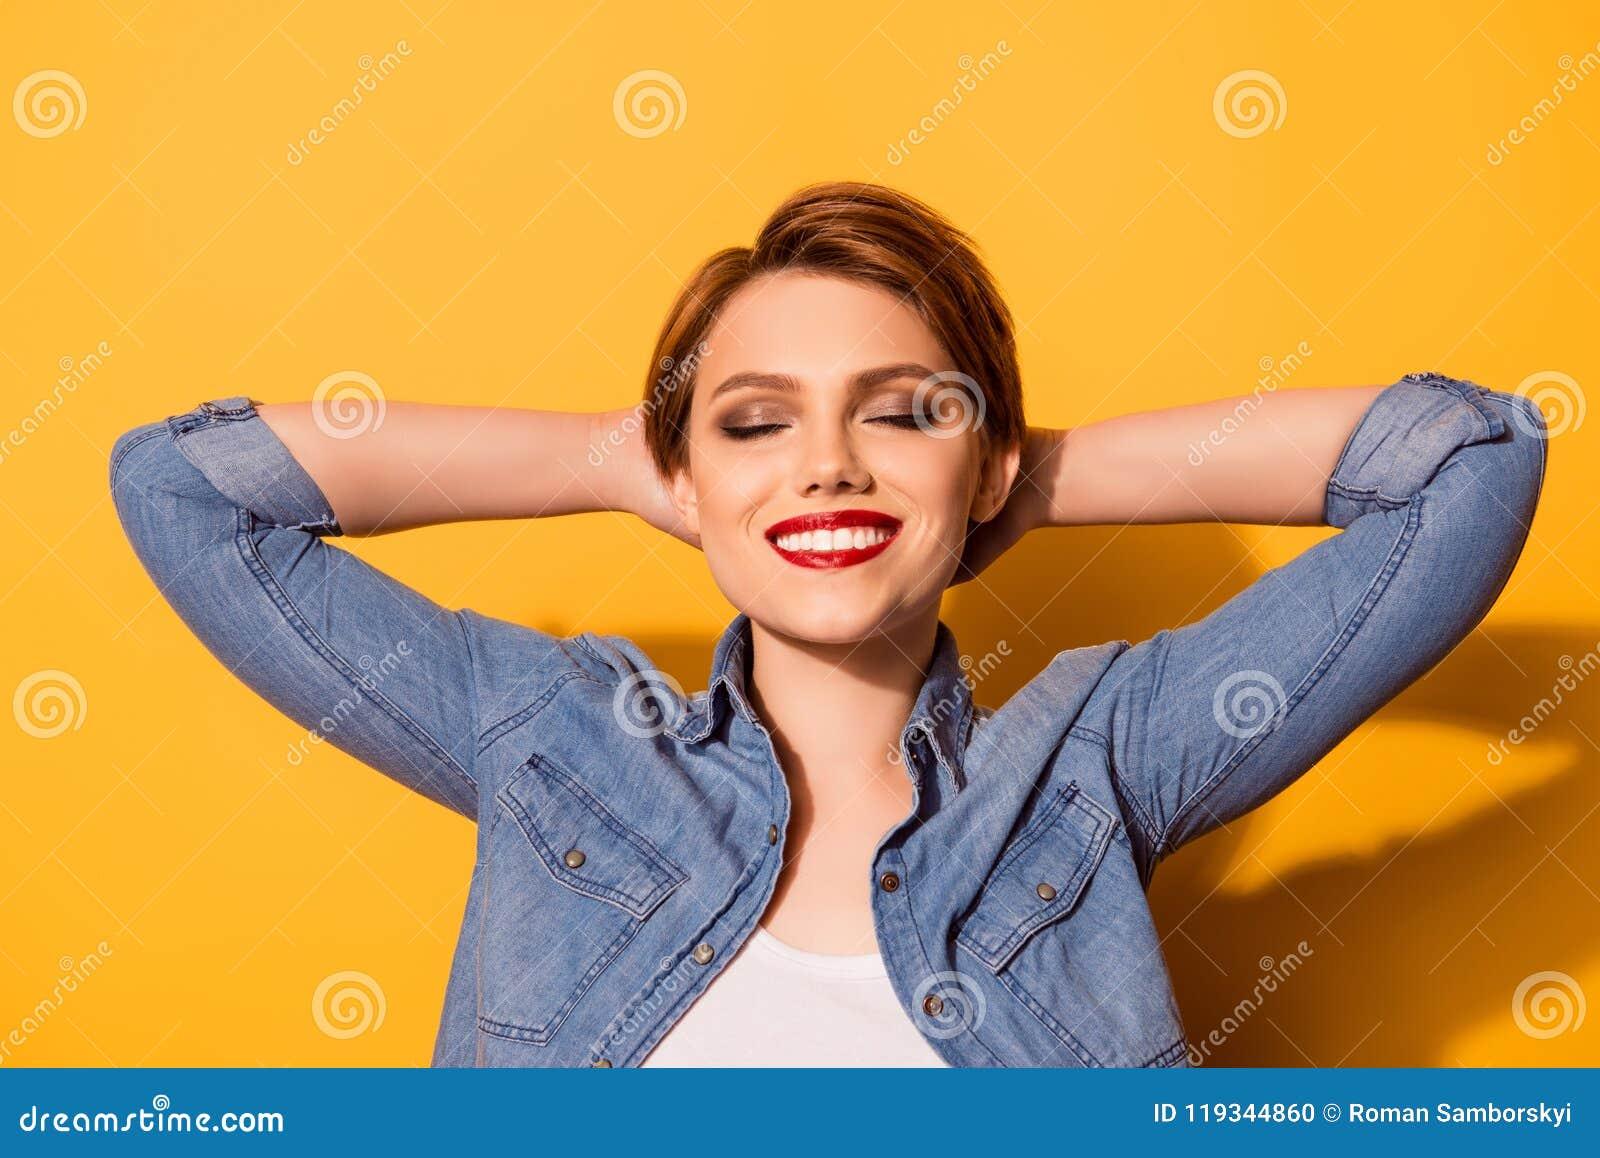 Ontspan! Portret van een jong modieus meisje Zij is in een jeansoverhemd